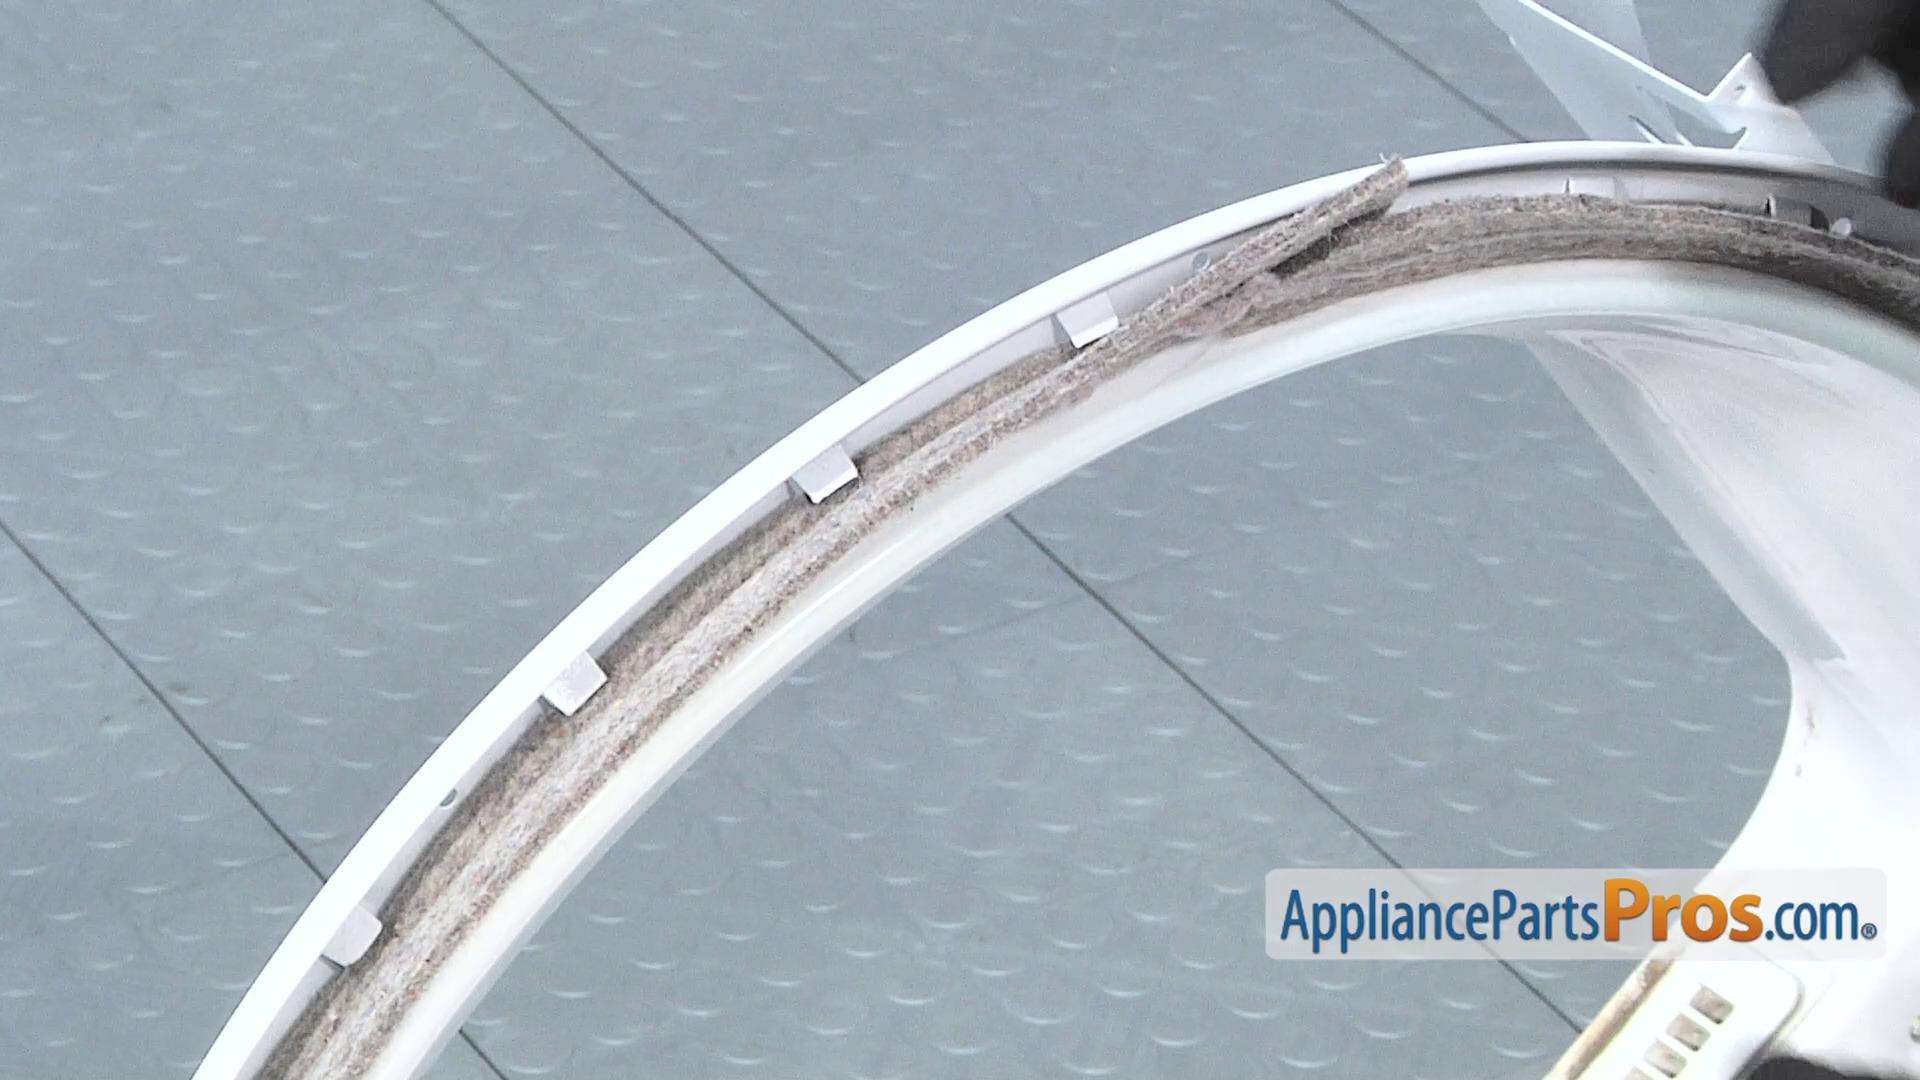 645722338896112fe22506376c2fa9a3eb547710 whirlpool wp33001807 dryer drum felt seal appliancepartspros com mde5500ayw wiring diagram at gsmportal.co